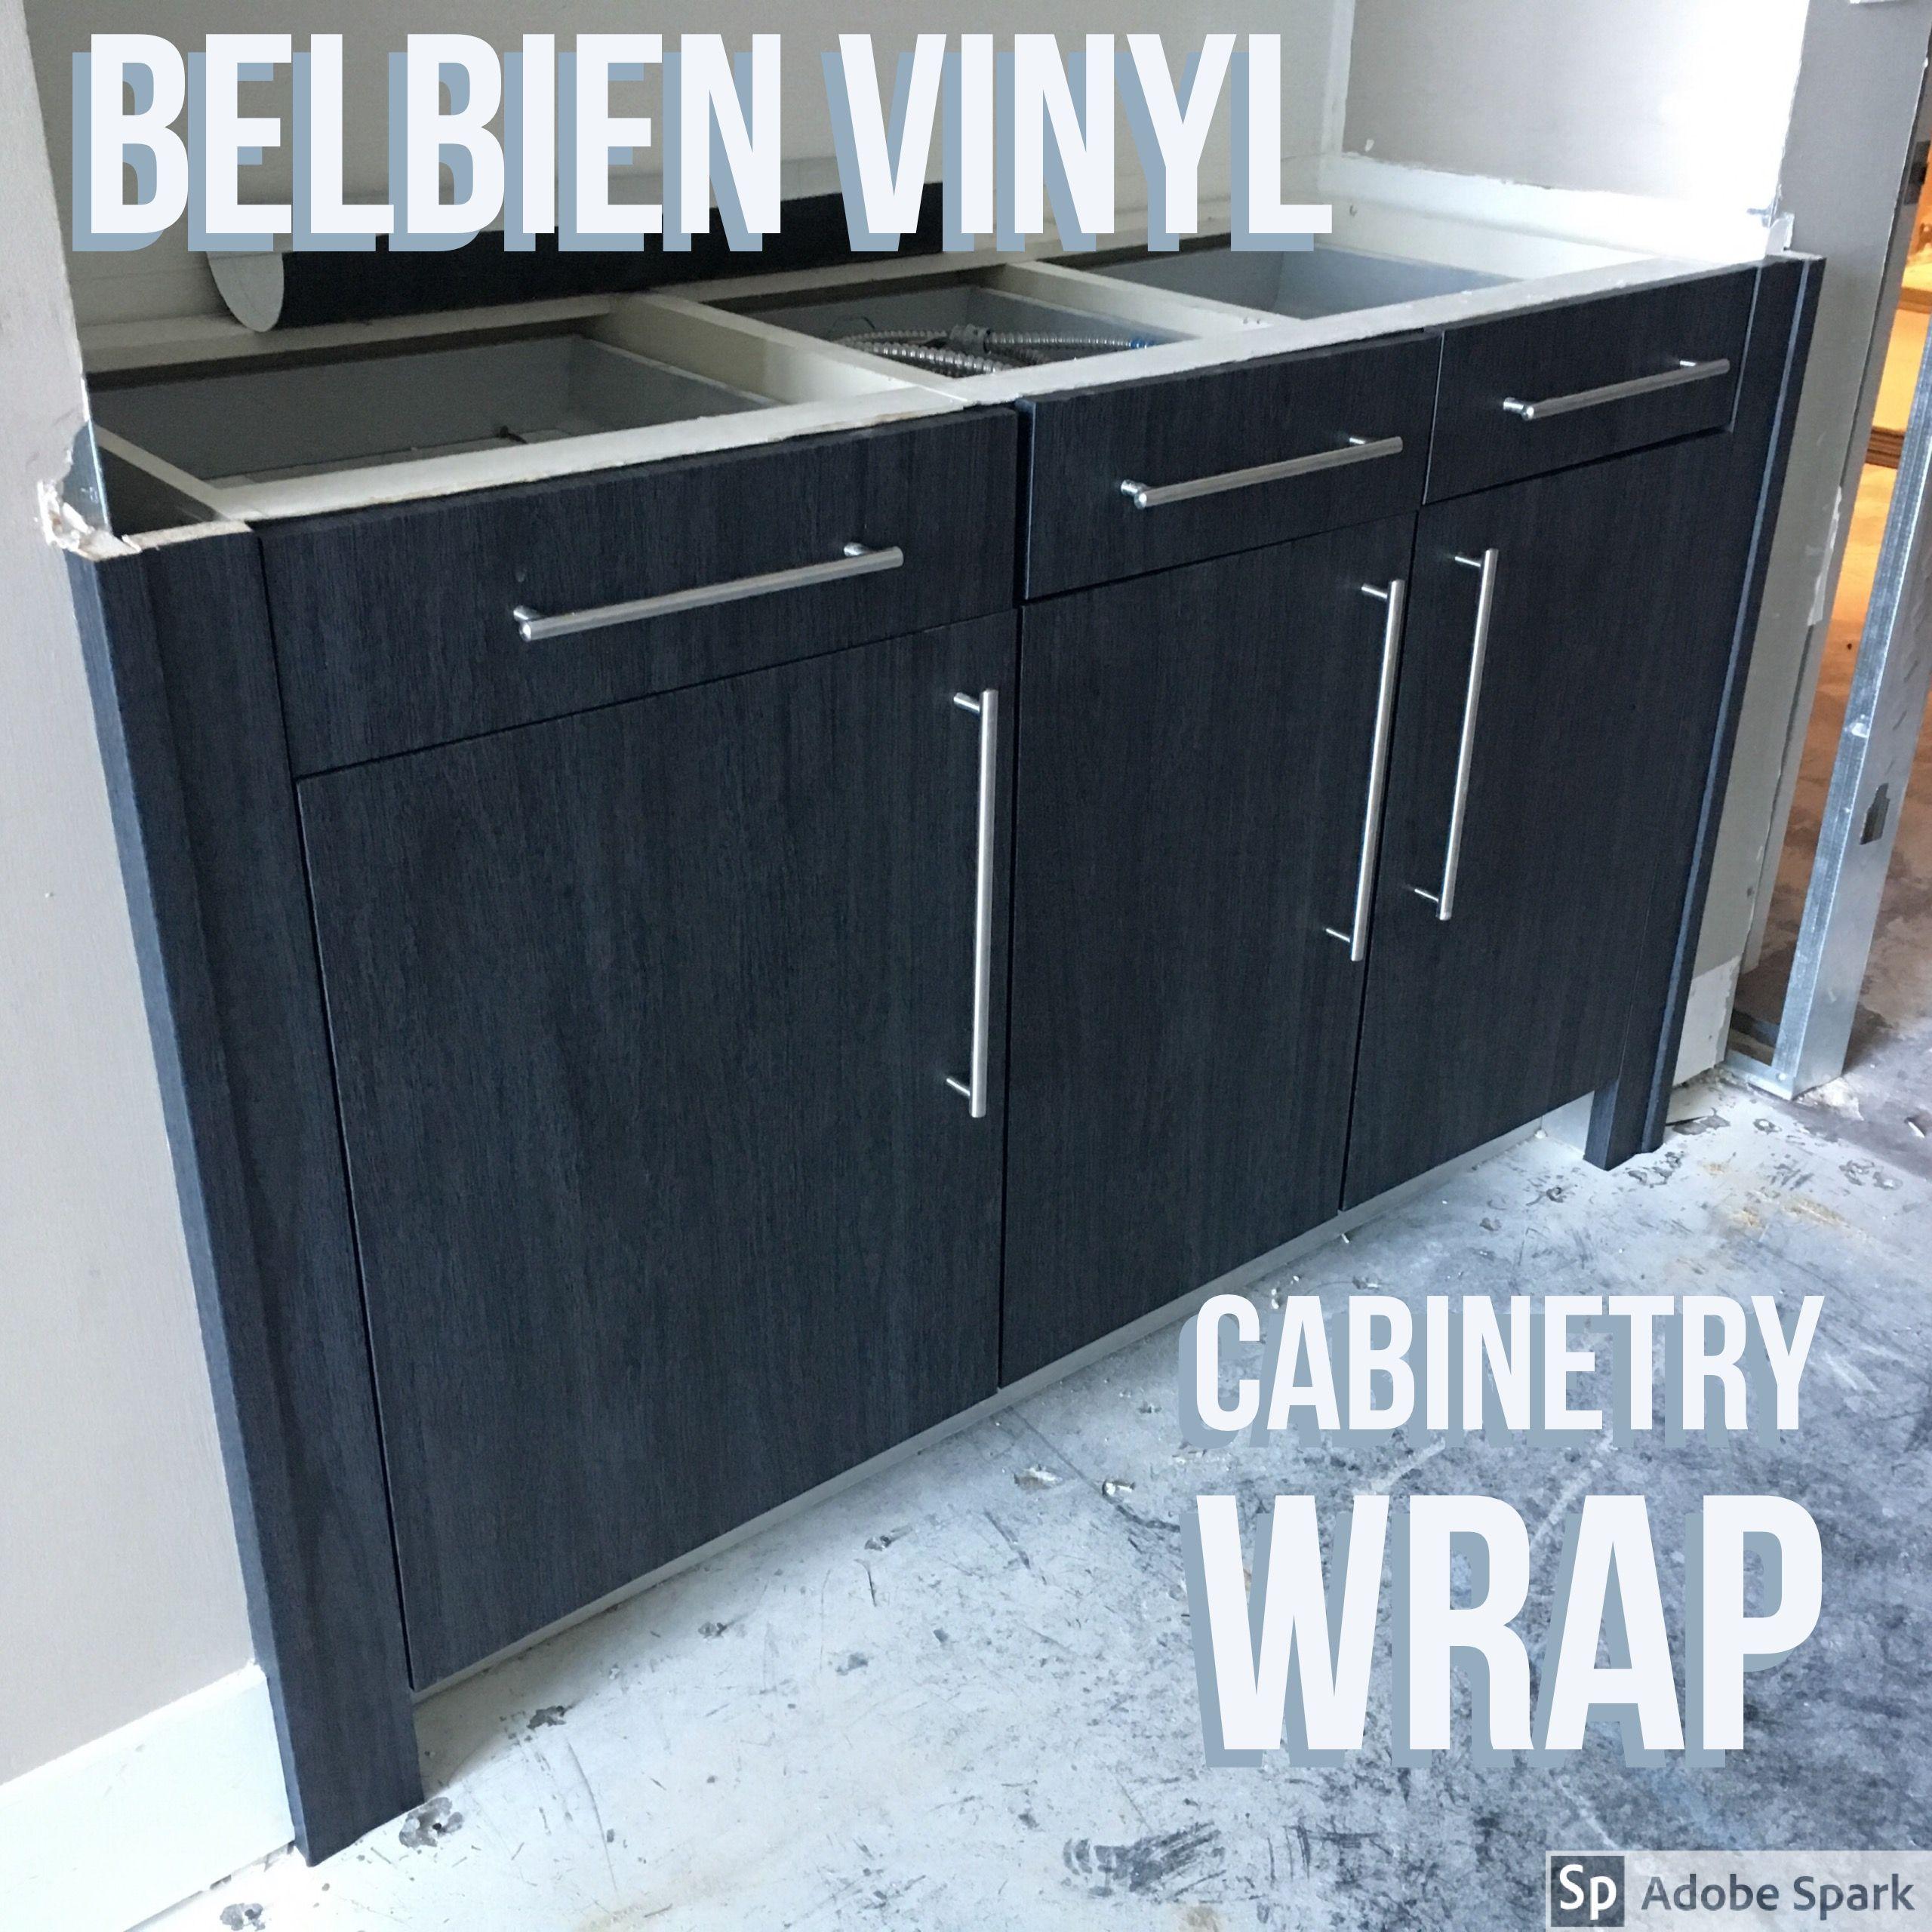 Bathroom cabinetry wrap We used Belbien vinyl Randy